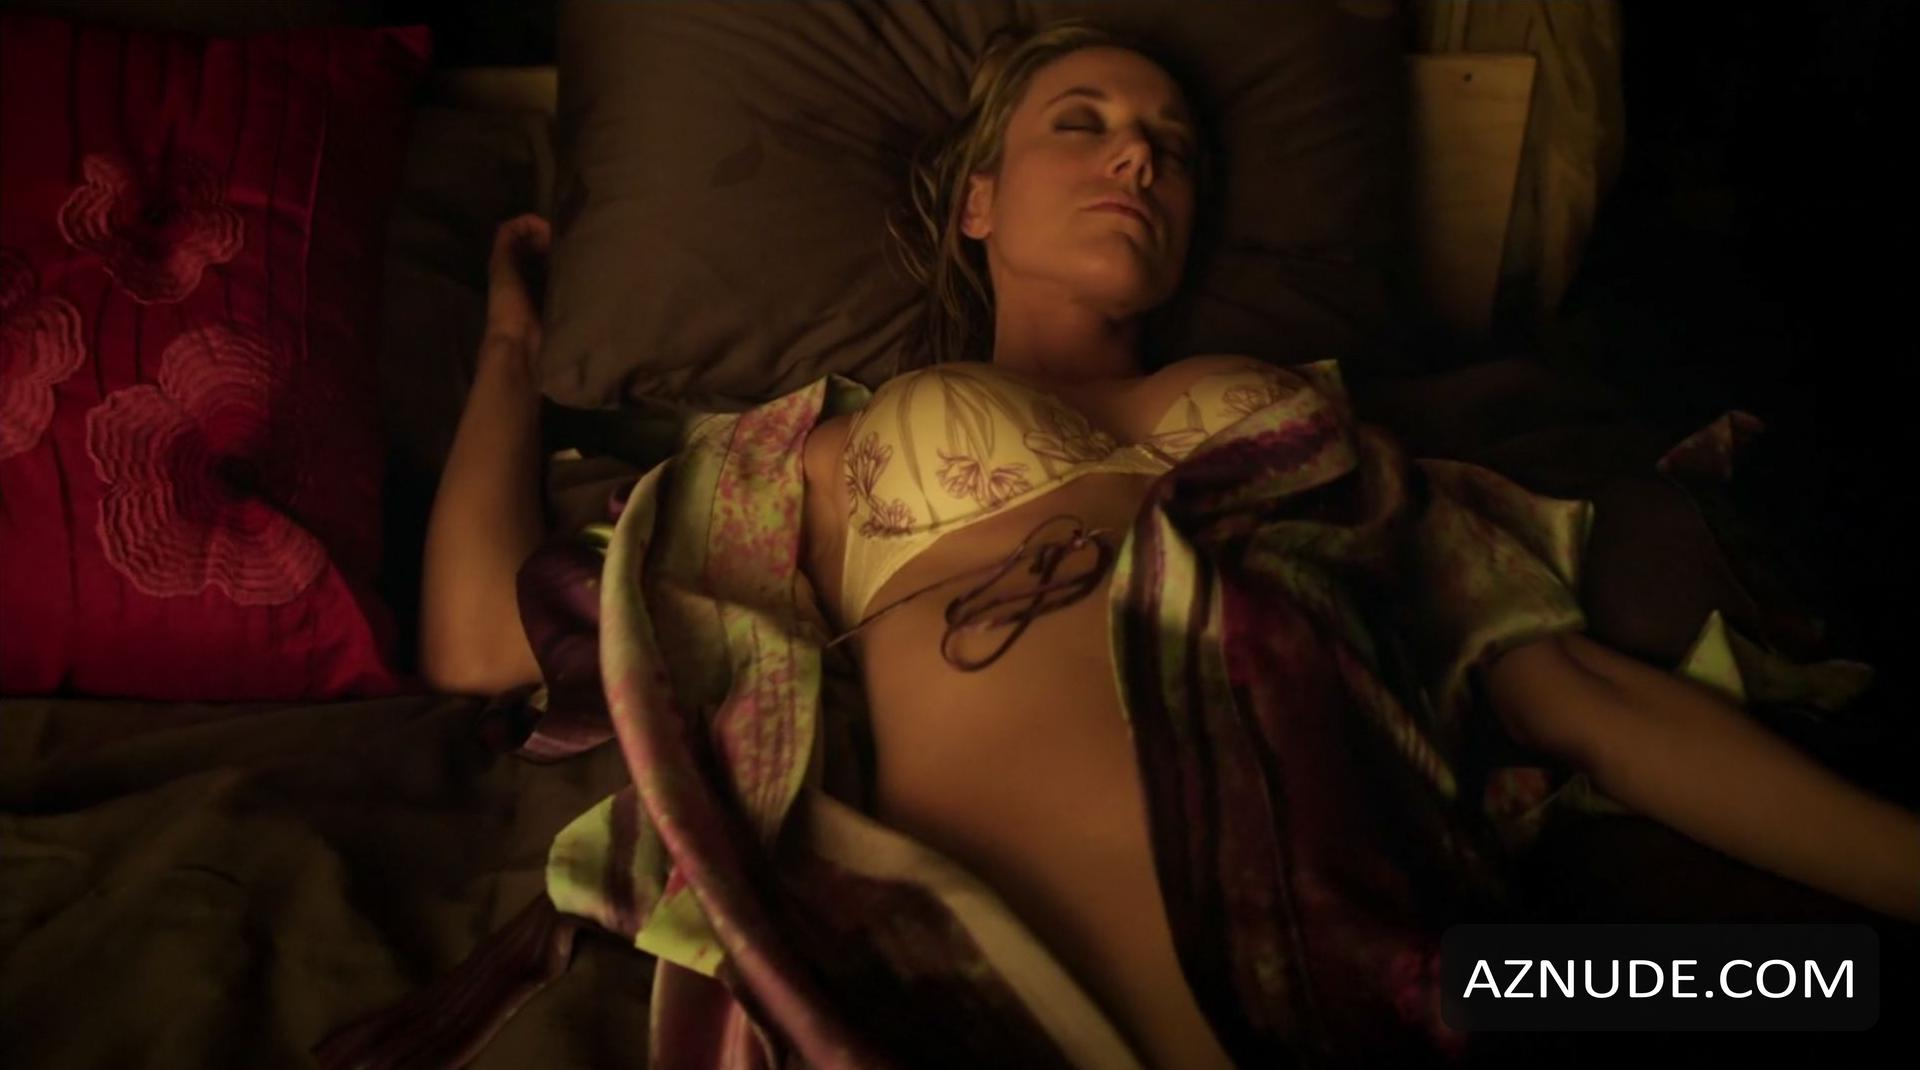 from Cayden anna silk nude ass scene